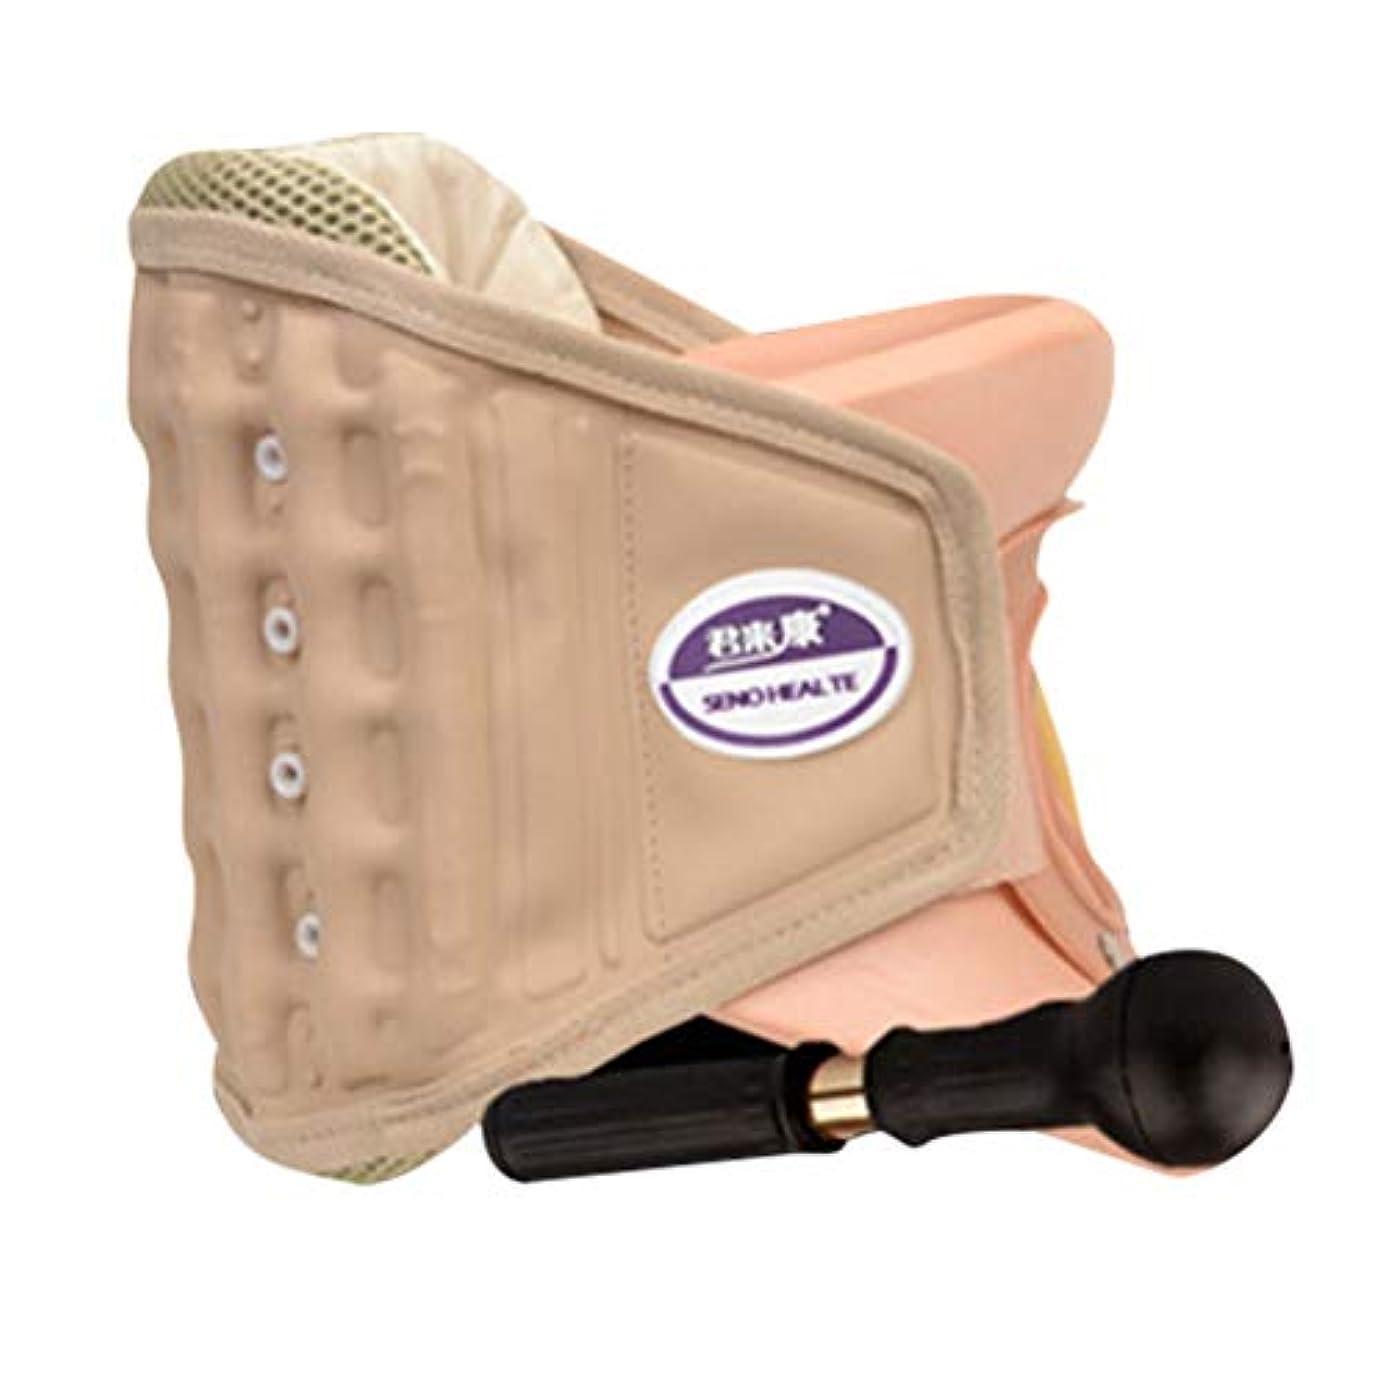 誇張する汚れるパケットSUPVOX 頸部首牽引襟デバイス装具椎骨サポートベルト付きポンプポータブルネックマッサージャー